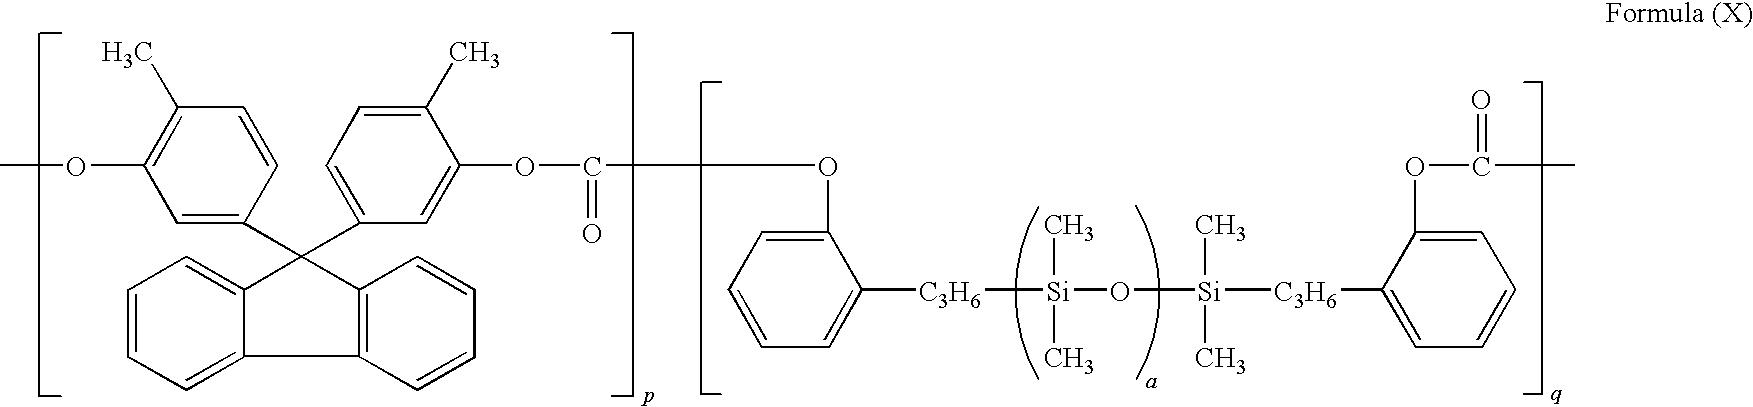 Figure US07943278-20110517-C00045